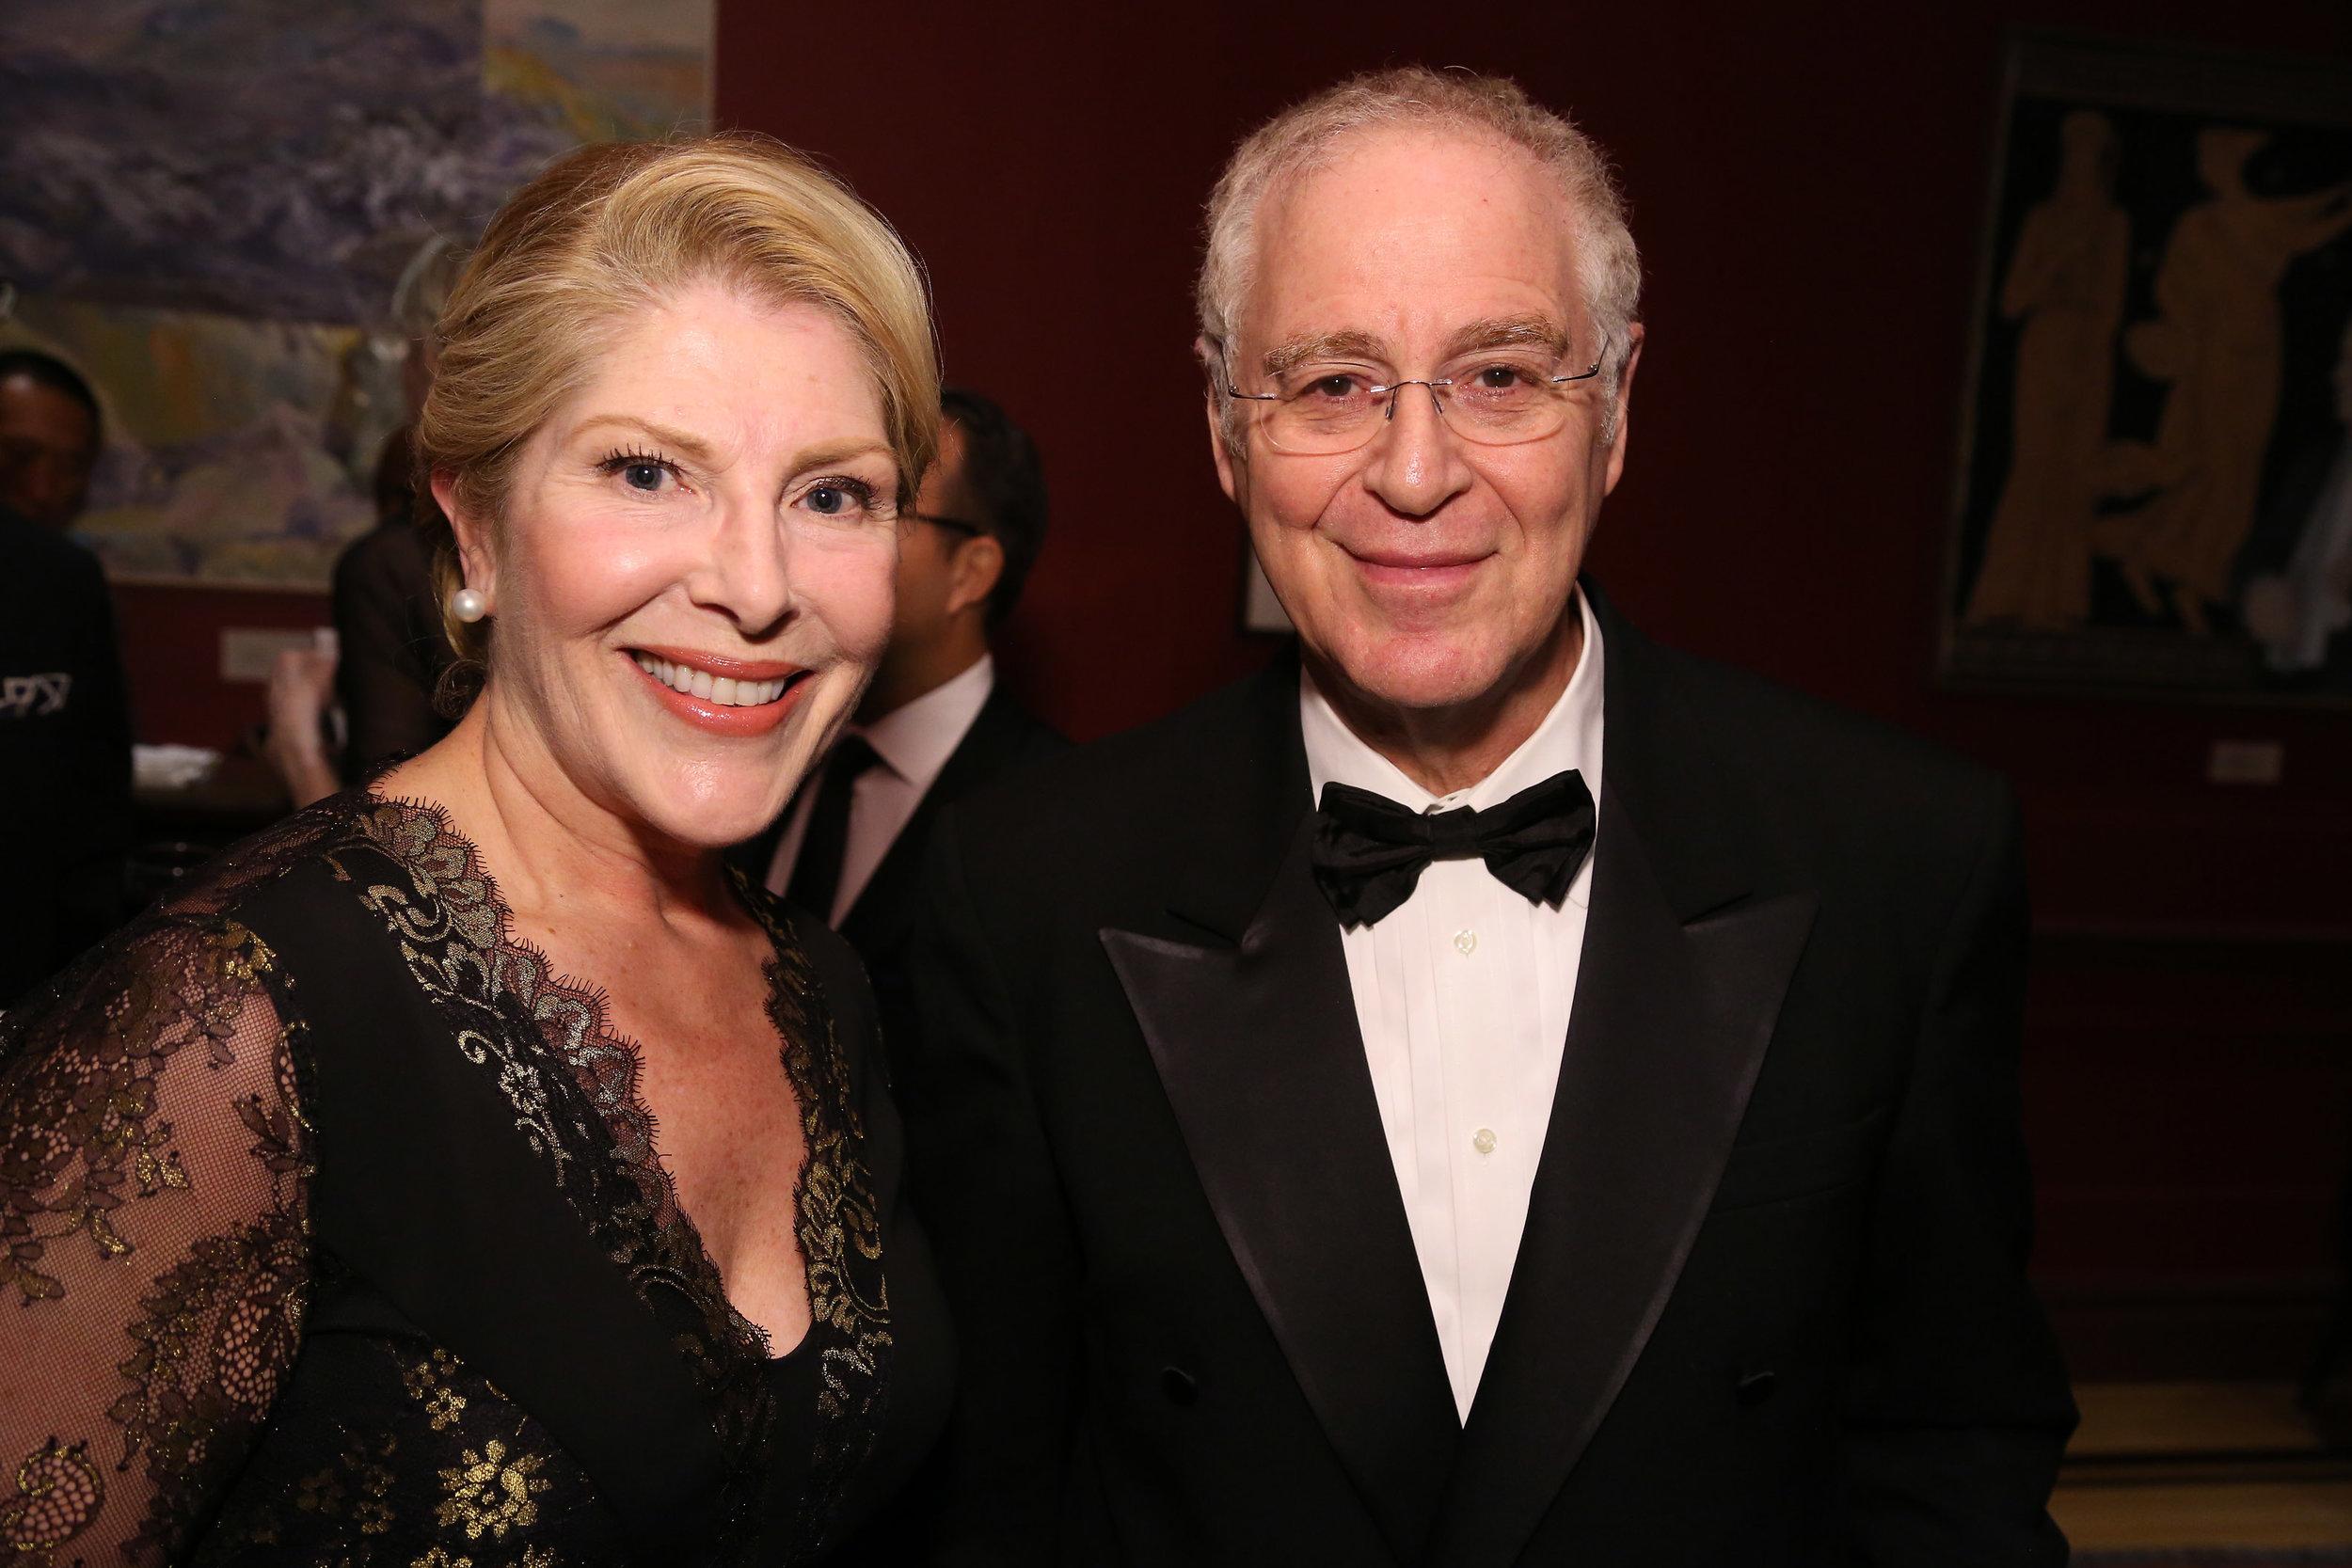 Michelle Larsen and Ron Chernow